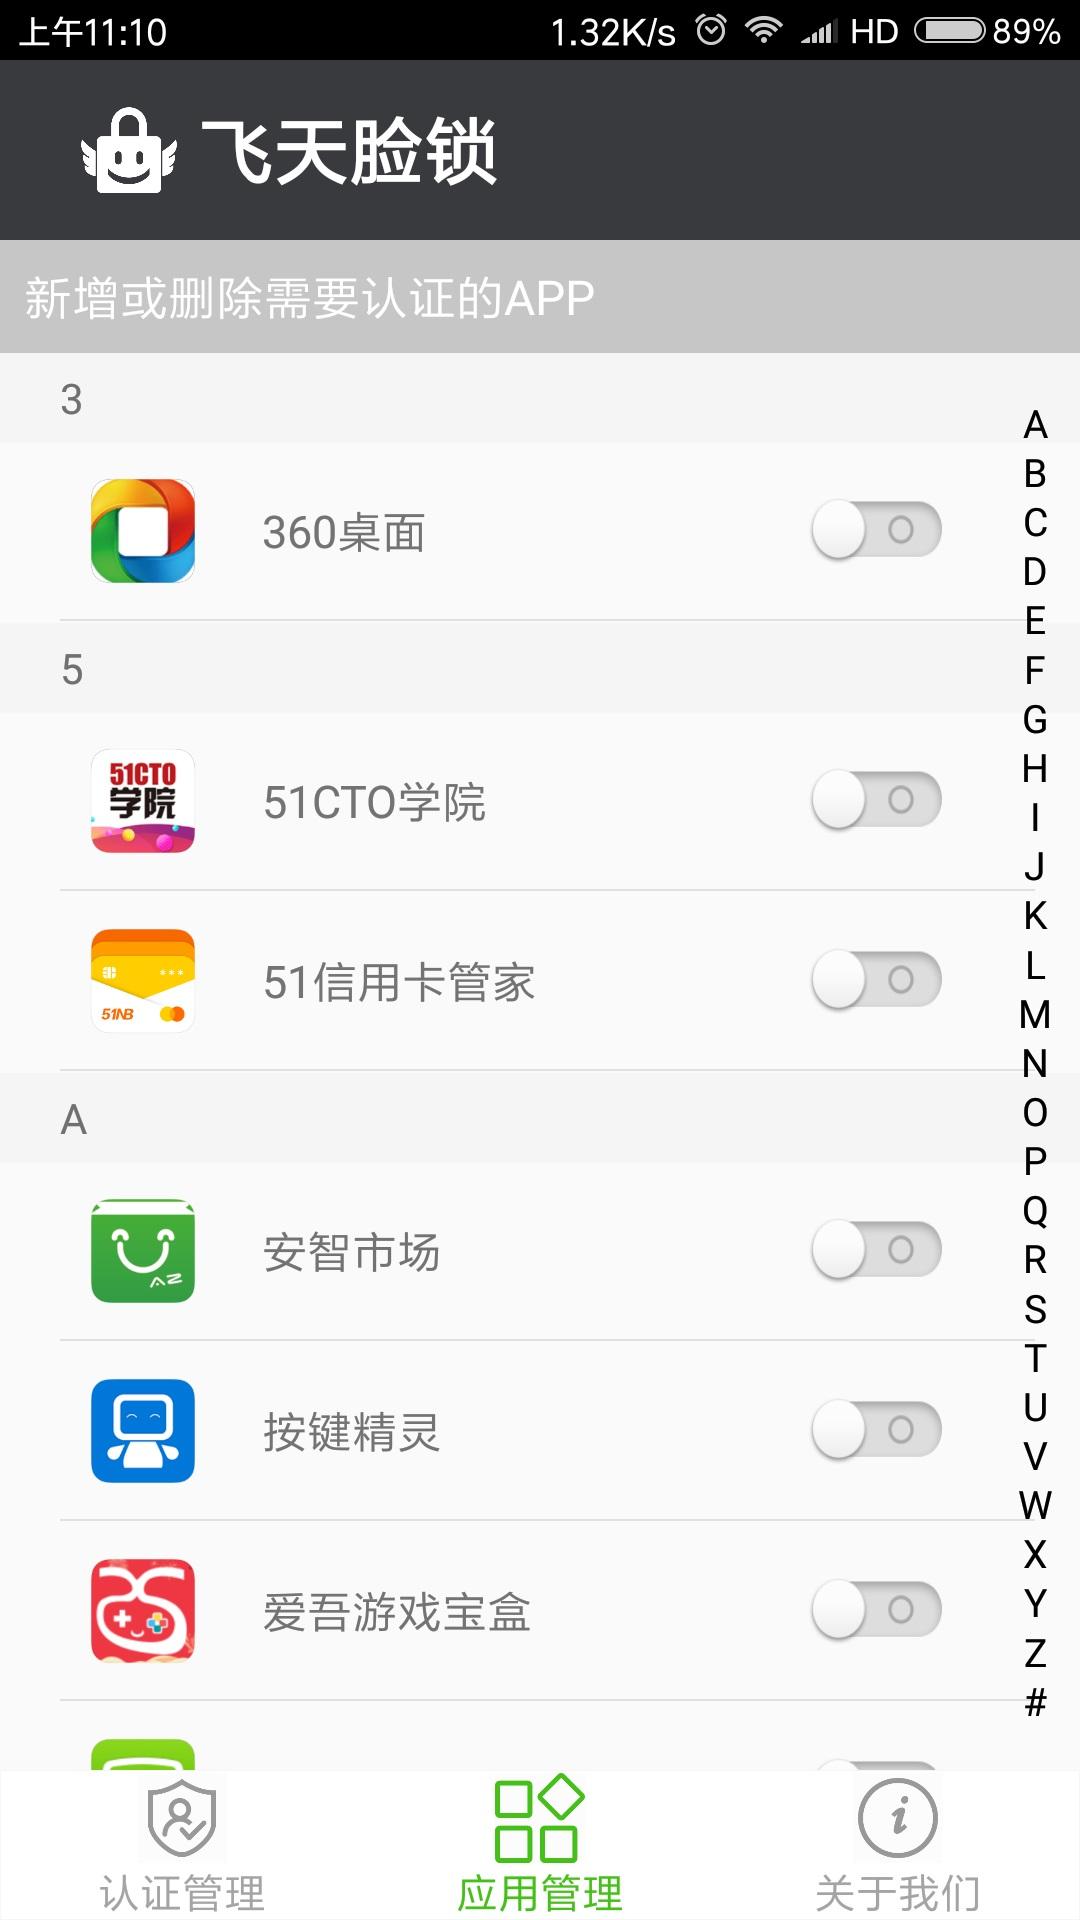 飞天脸锁V1.0 安卓版截图3